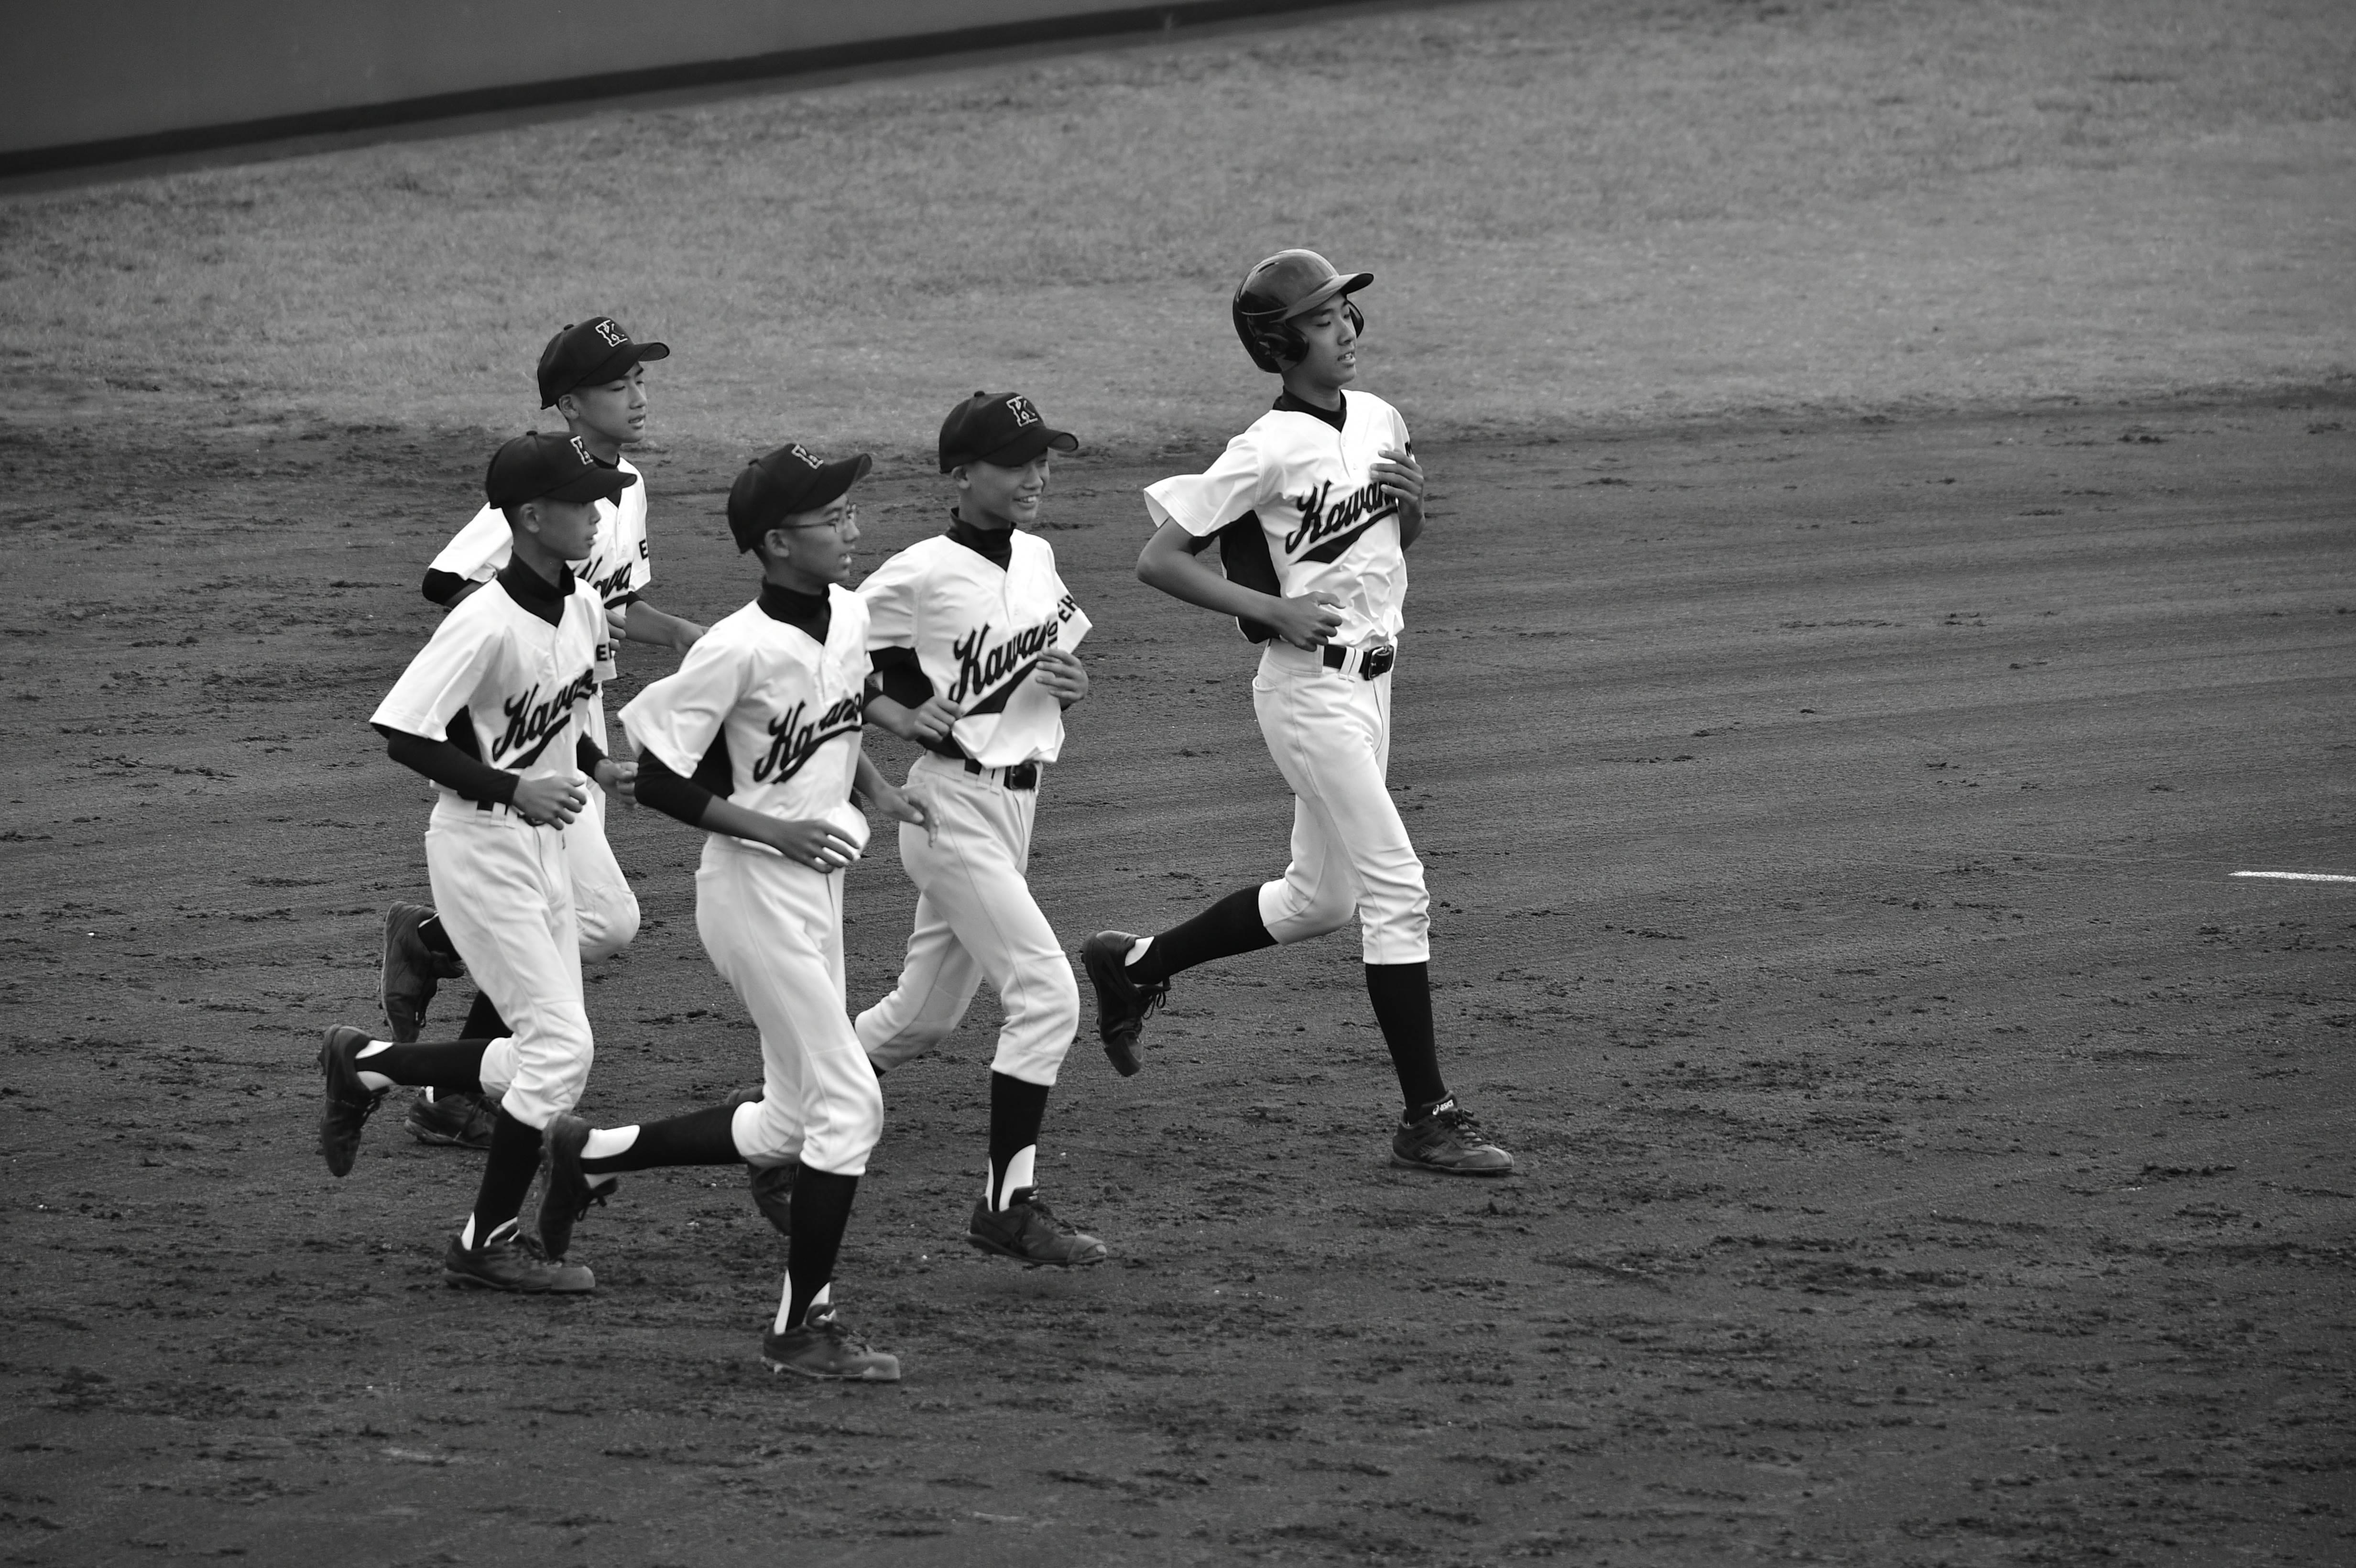 軟式野球 (284)